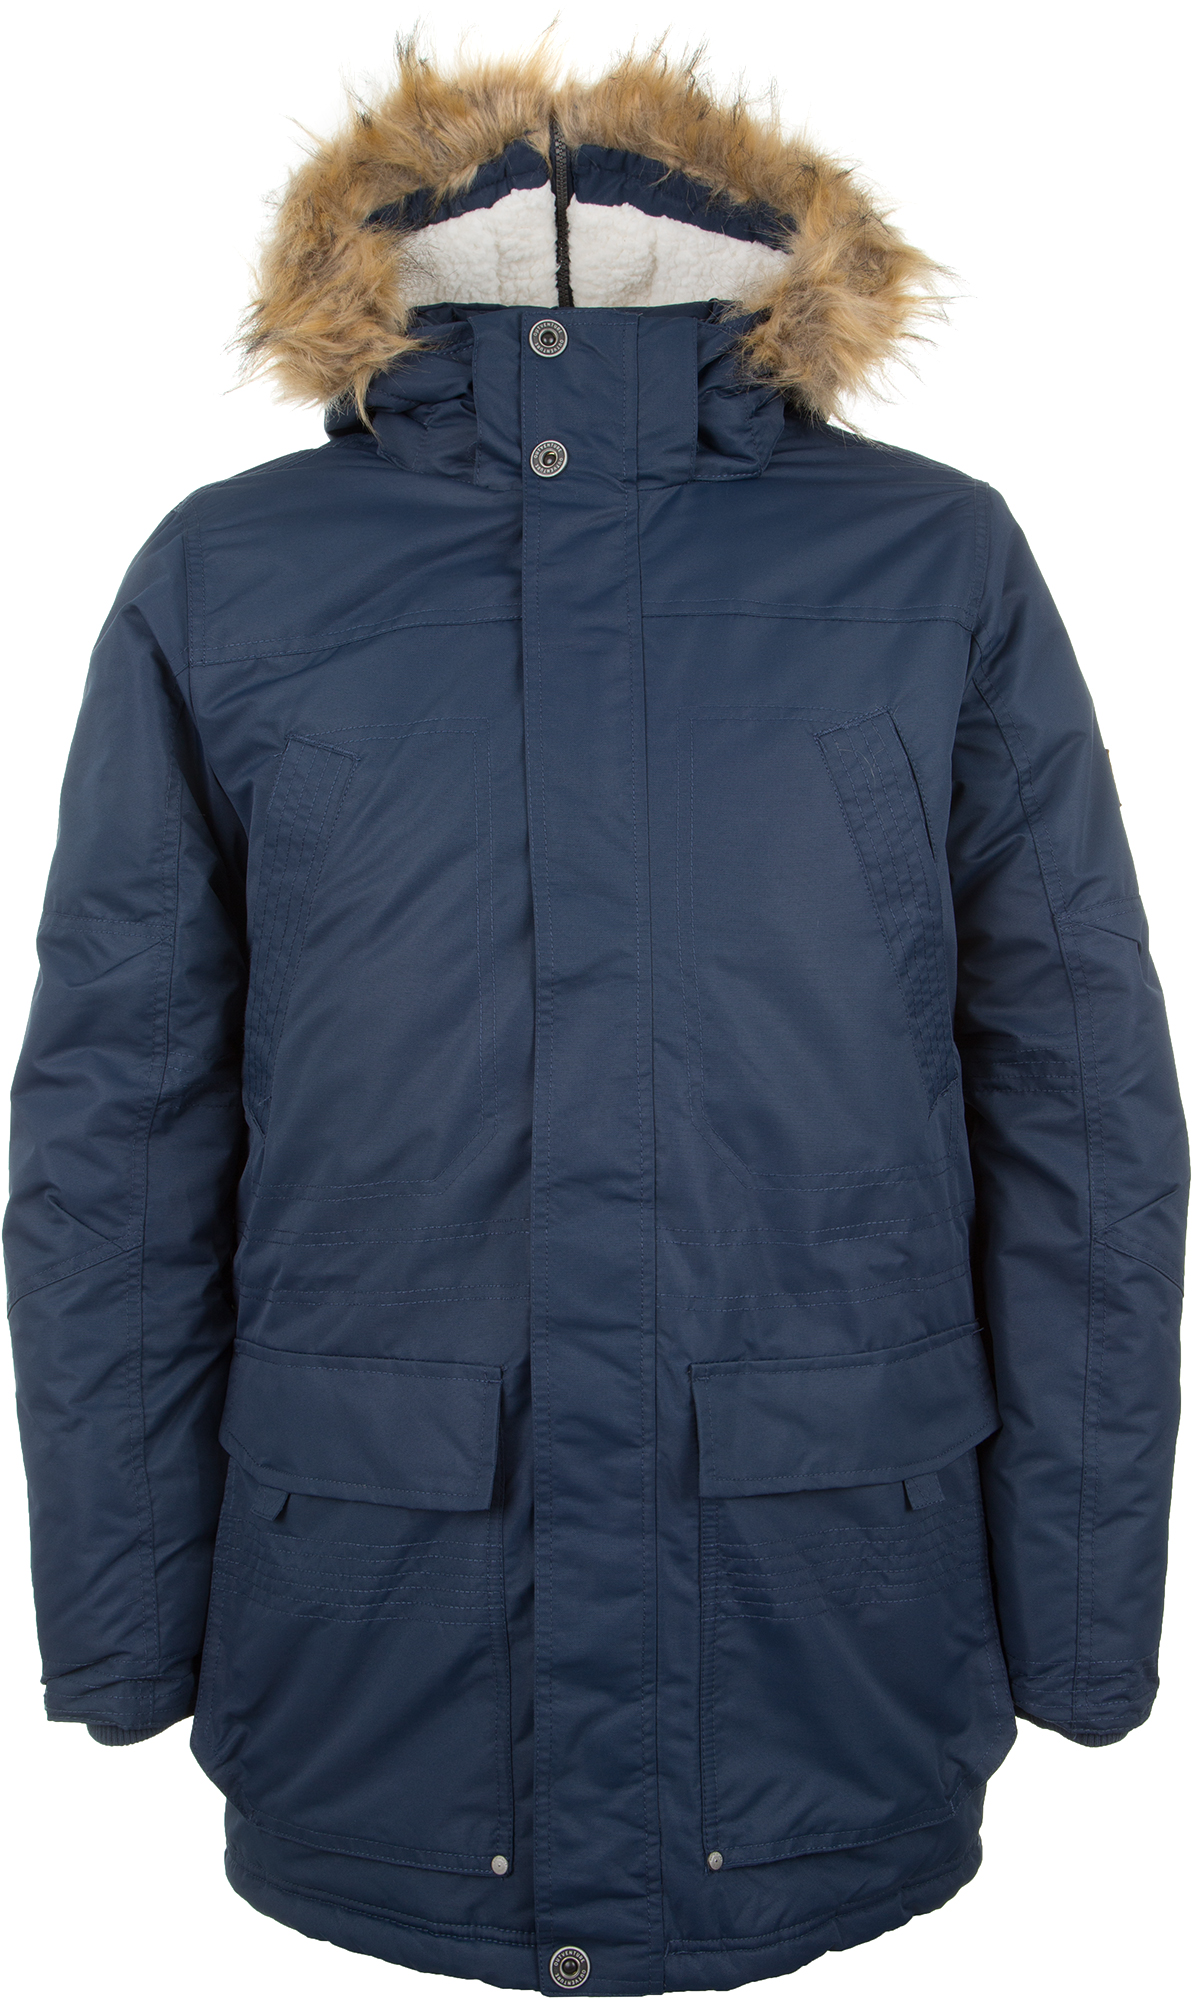 купить Outventure Куртка утепленная мужская Outventure, размер 46 по цене 3999 рублей